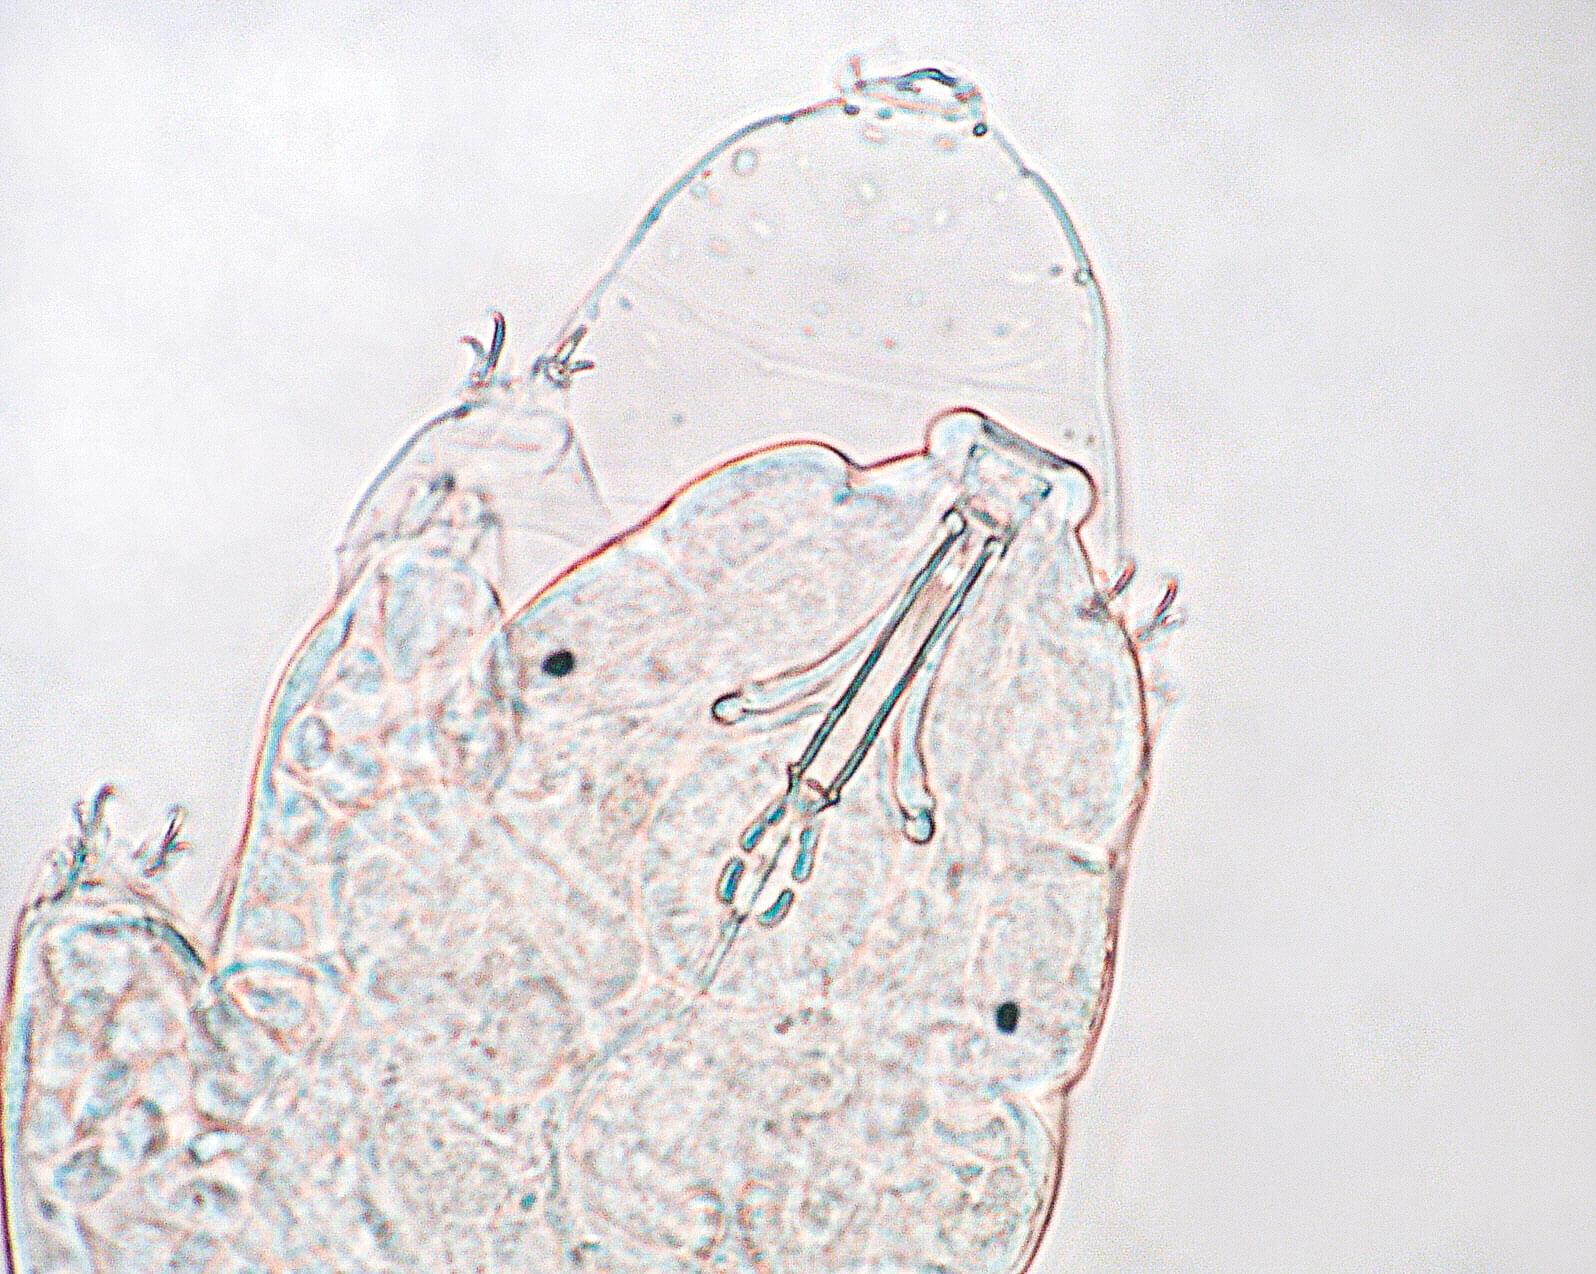 Le tardigrade, p'tit bonhomme à huit pattes